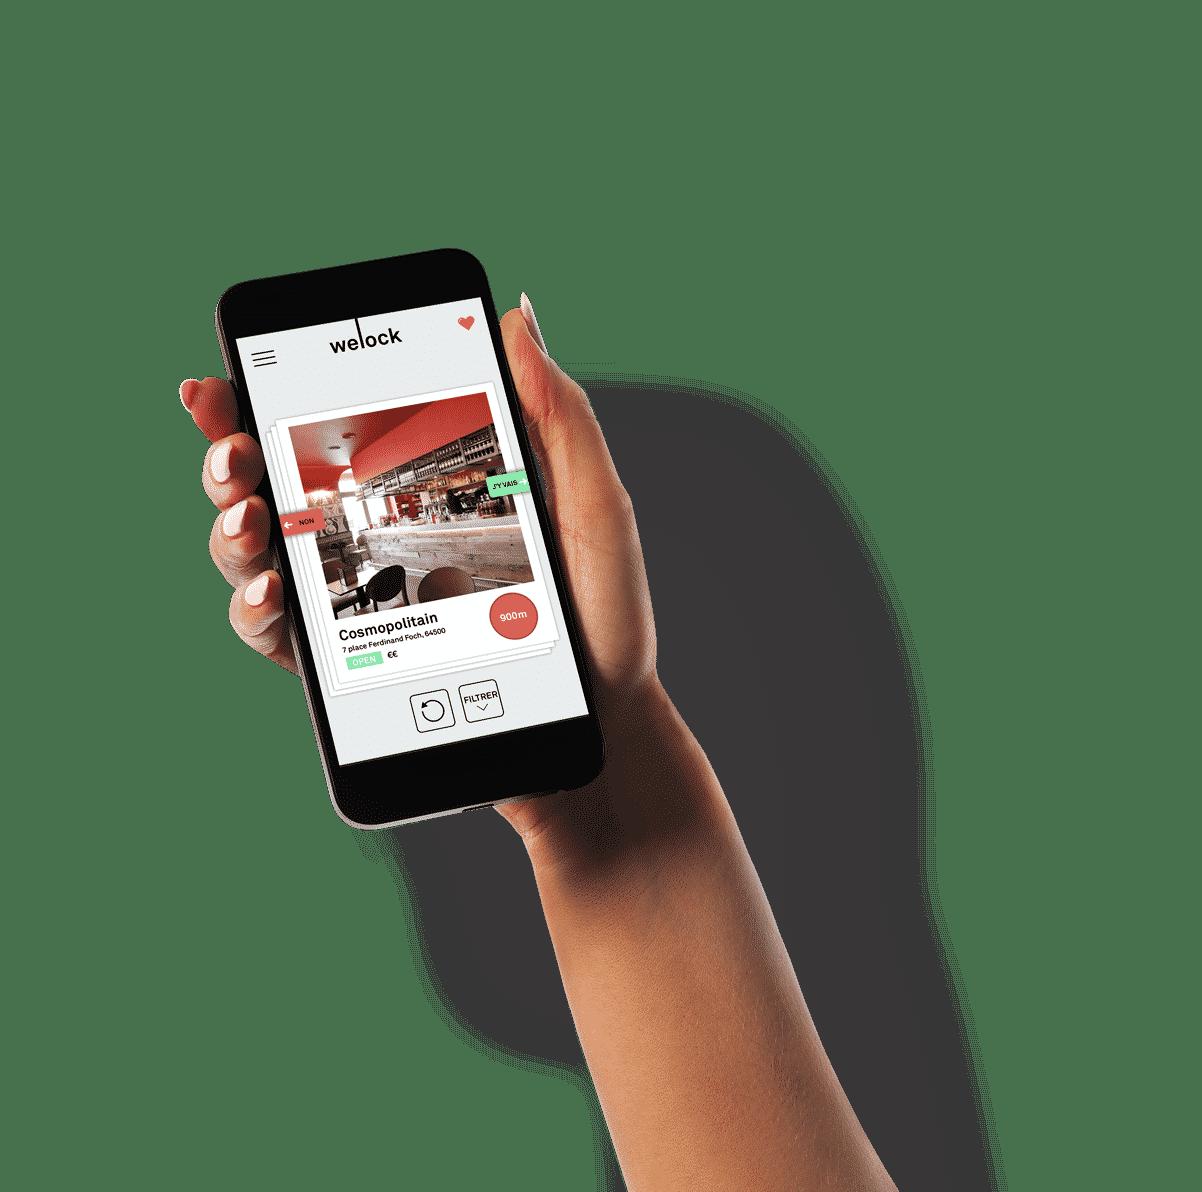 Le Tinder des bornes de recharge pour téléphones portables welock